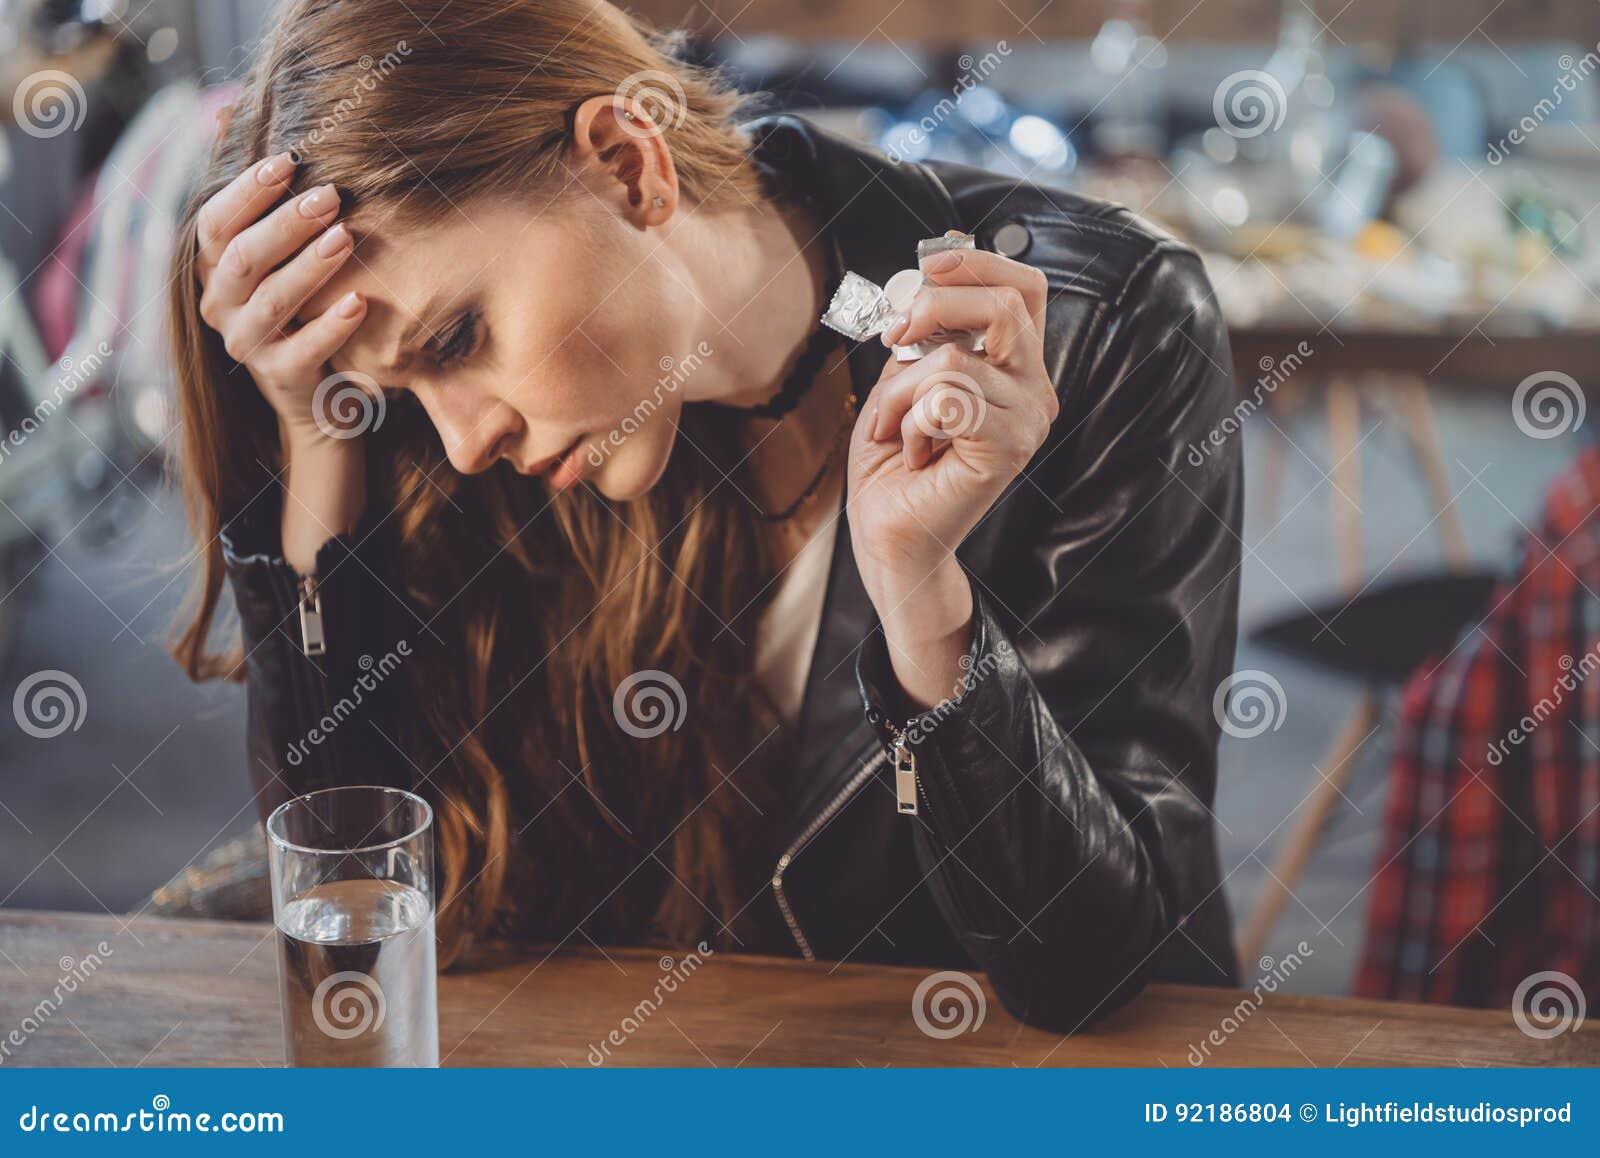 Kvinna med bakrus med mediciner i smutsigt rum